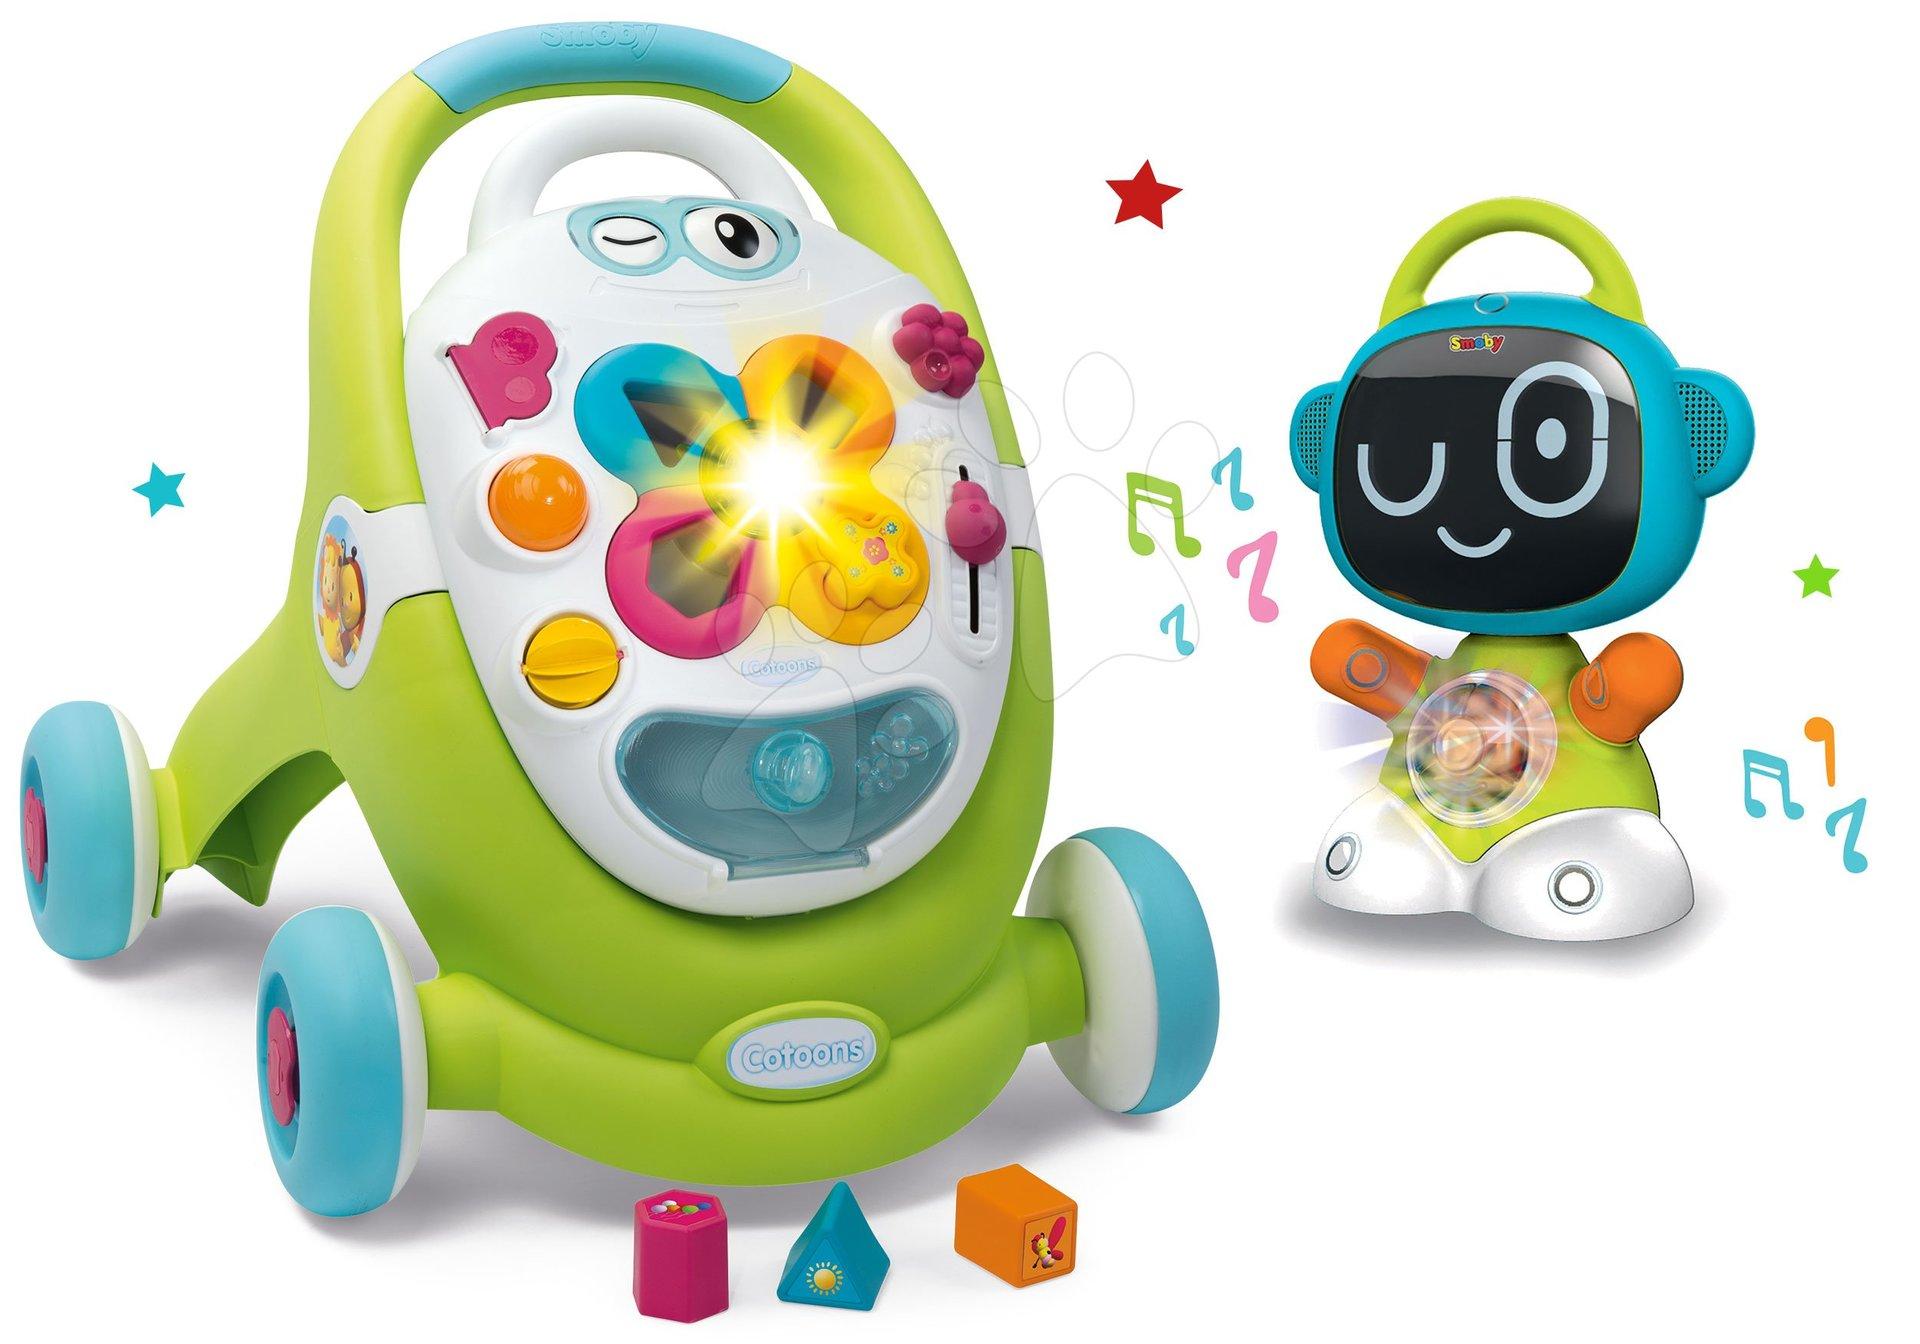 Set premergător și valiză didactică Trott Cotoons 2în1 Smoby cu sunete și lumini și robot interactiv Robot TIC Smart cu 3 jocuri educative